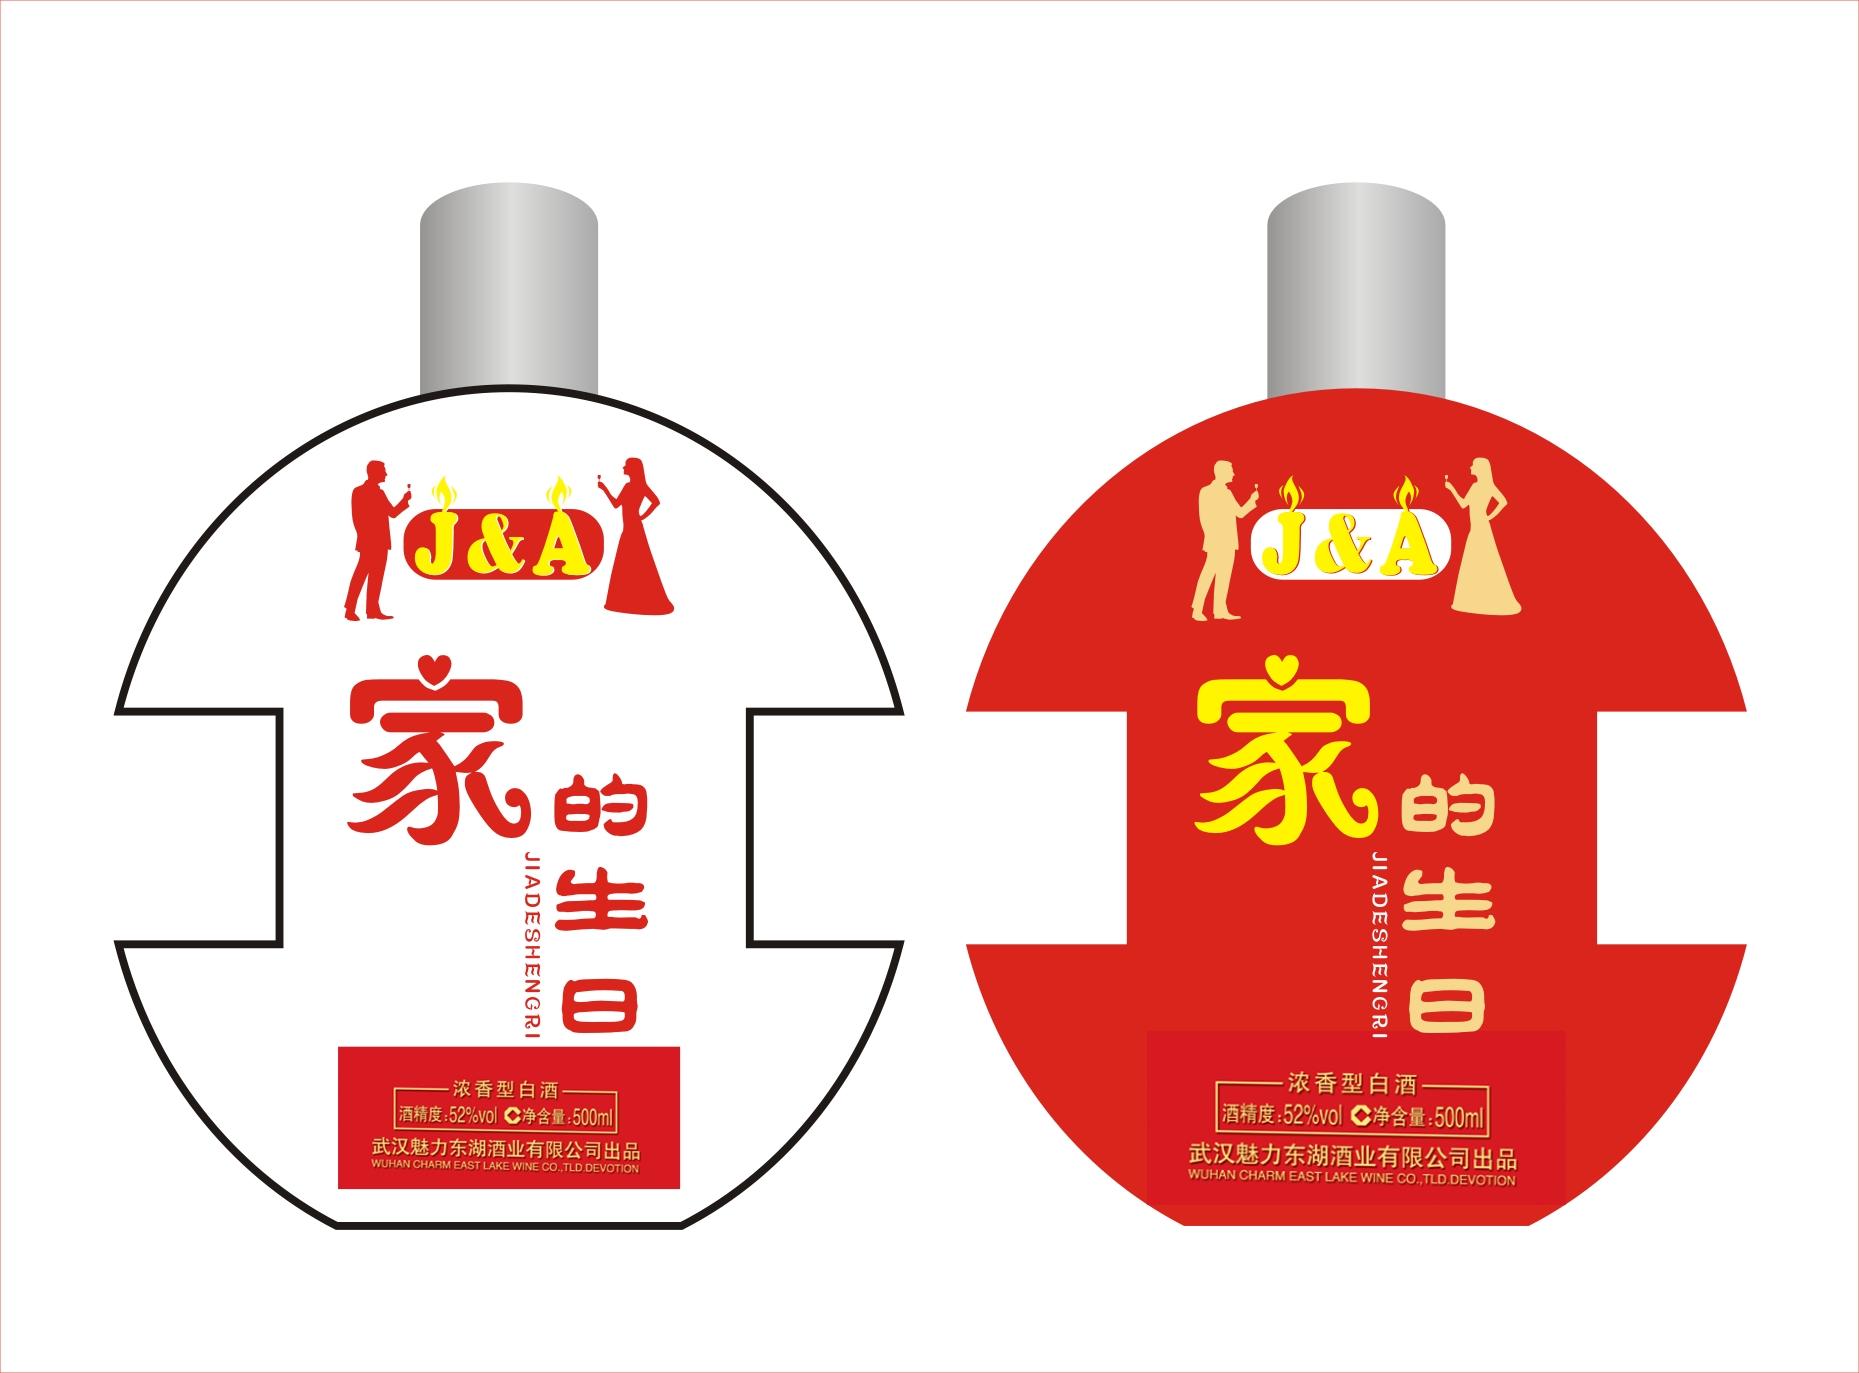 婚宴白酒logo及酒瓶,包装盒 ,简单vi